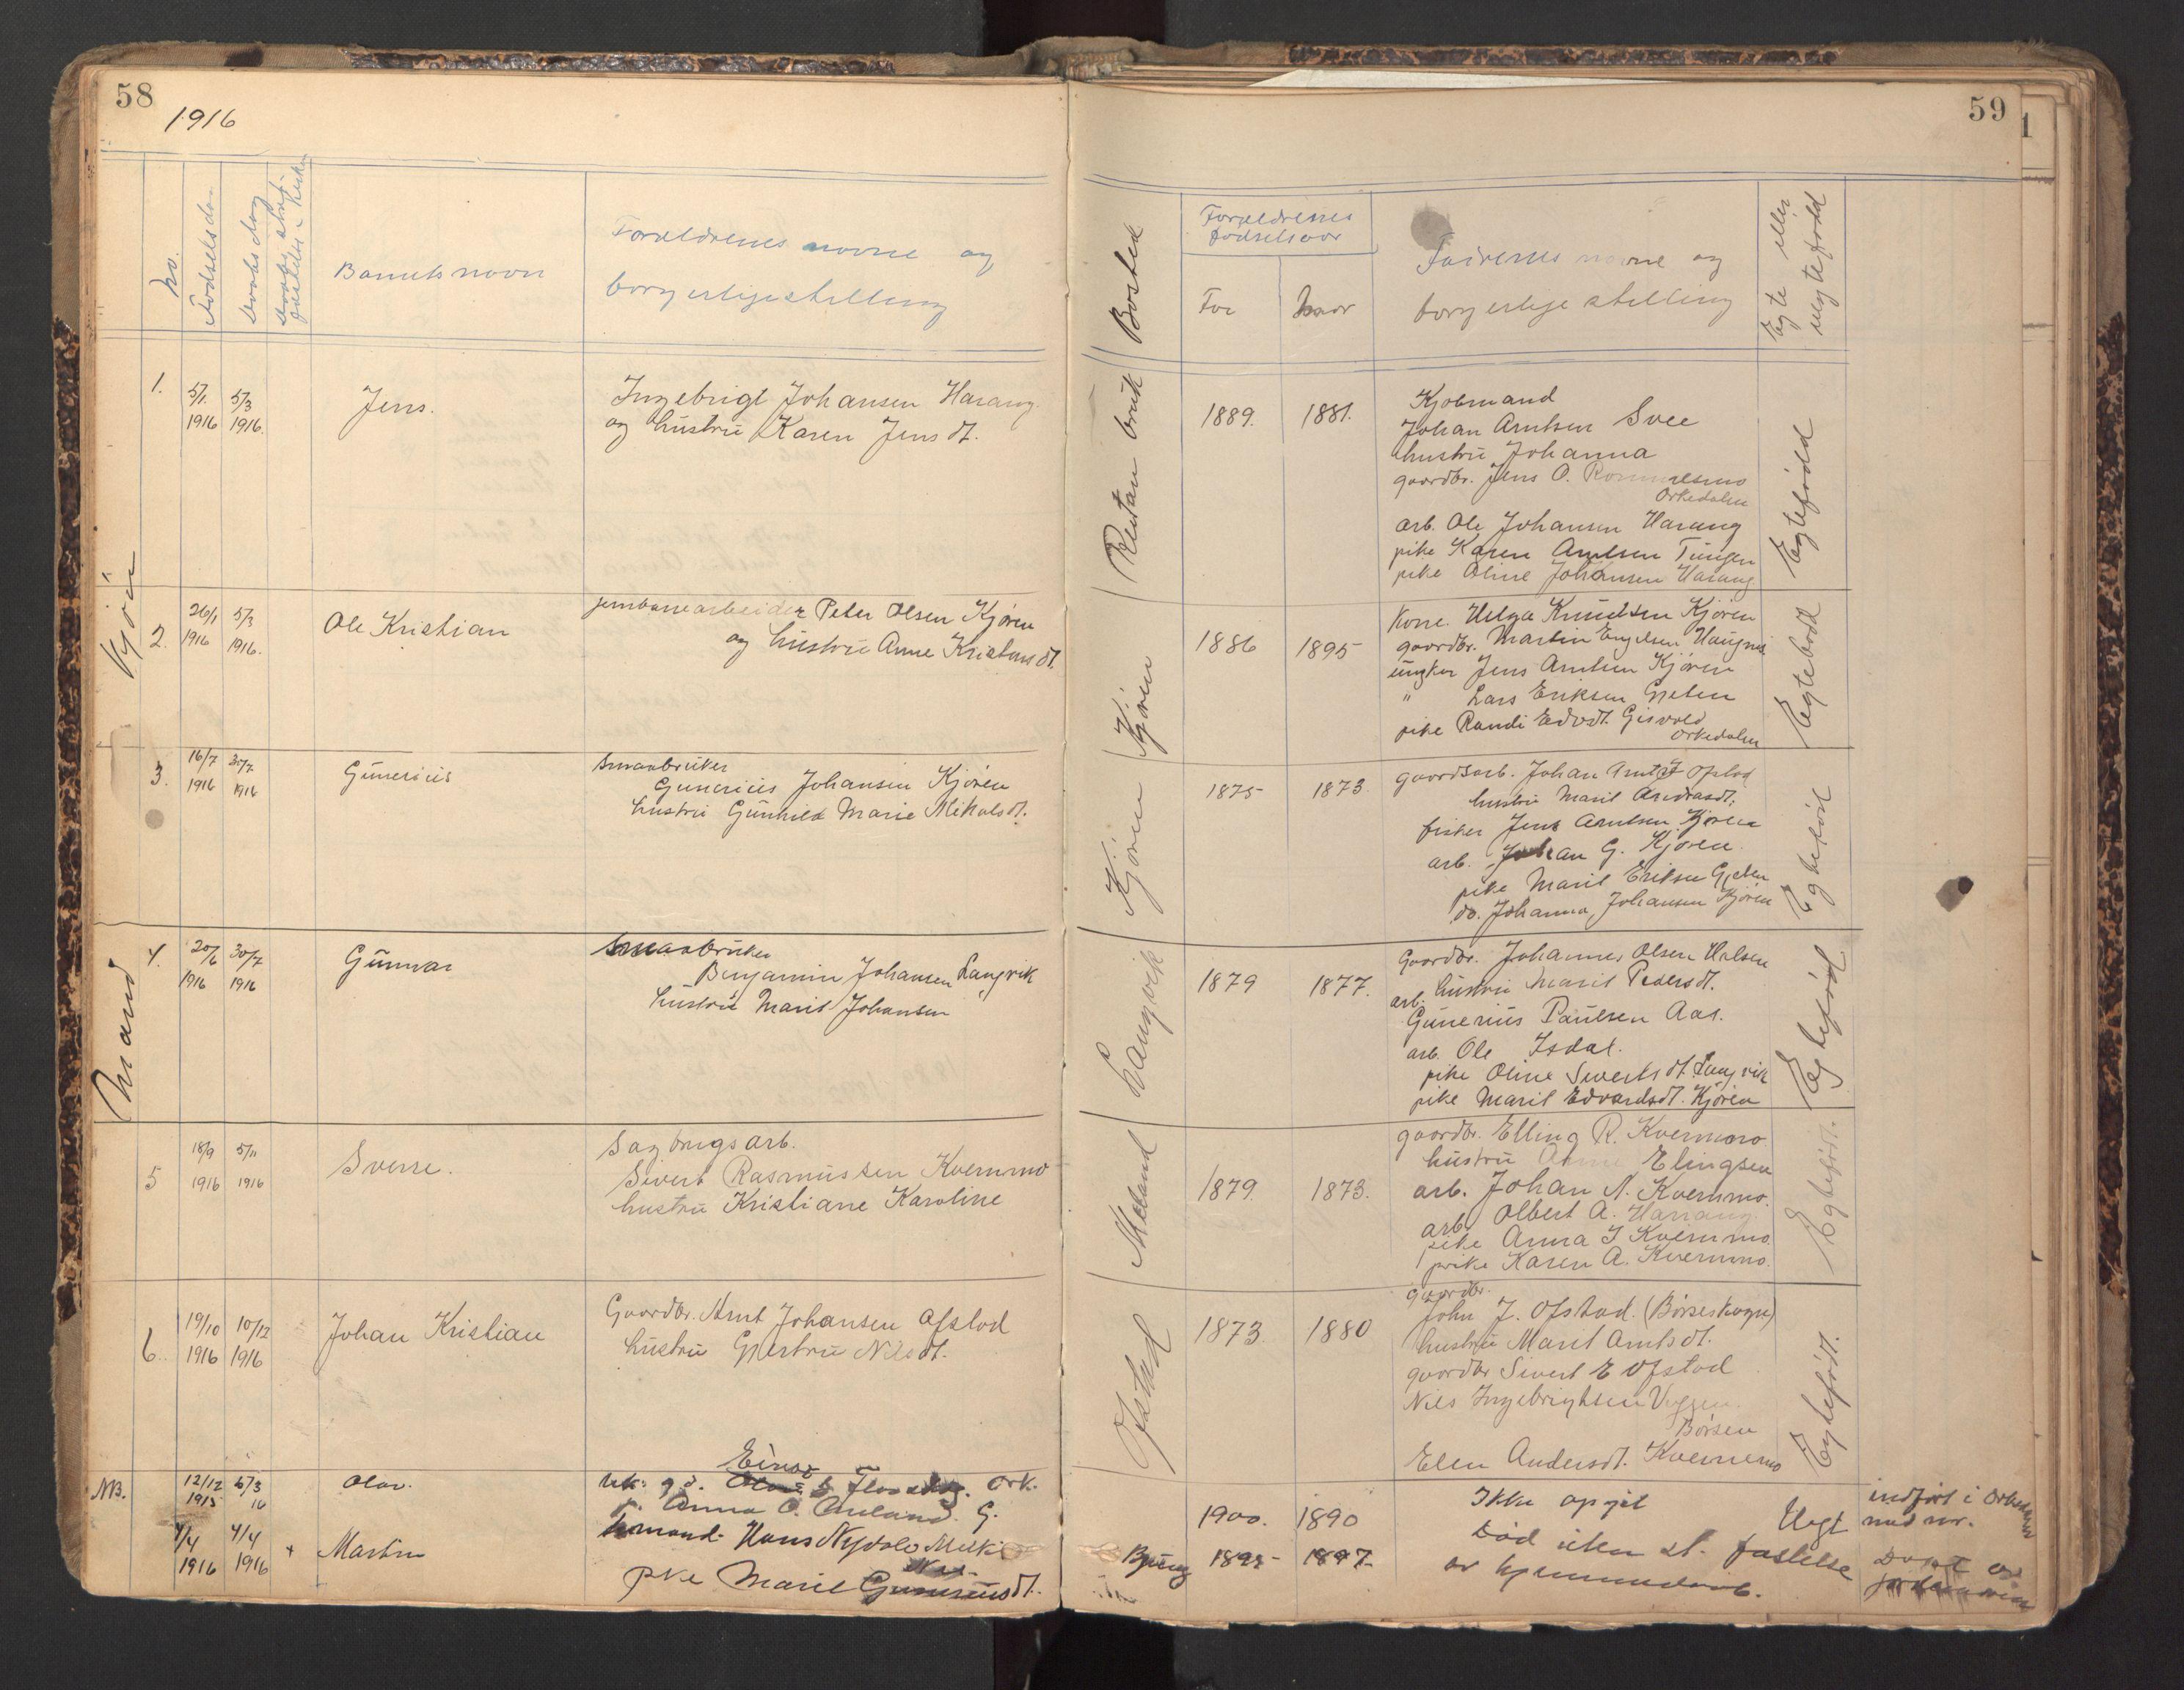 SAT, Ministerialprotokoller, klokkerbøker og fødselsregistre - Sør-Trøndelag, 670/L0837: Klokkerbok nr. 670C01, 1905-1946, s. 58-59